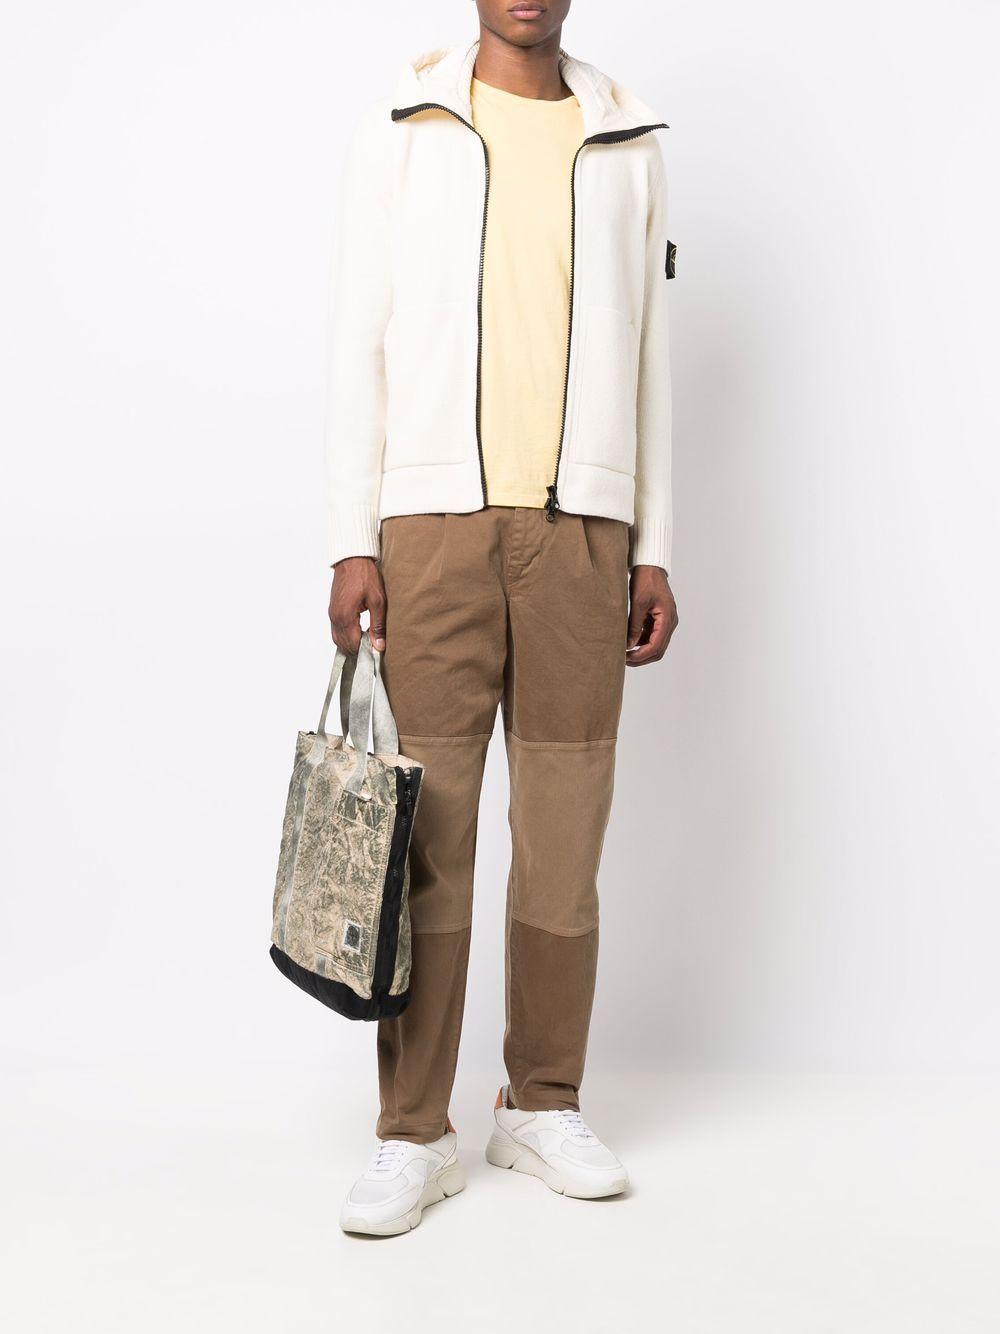 Felpa/cardigan con cappuccio in lana color crema STONE ISLAND | Cardigan | 7515531A3V0099